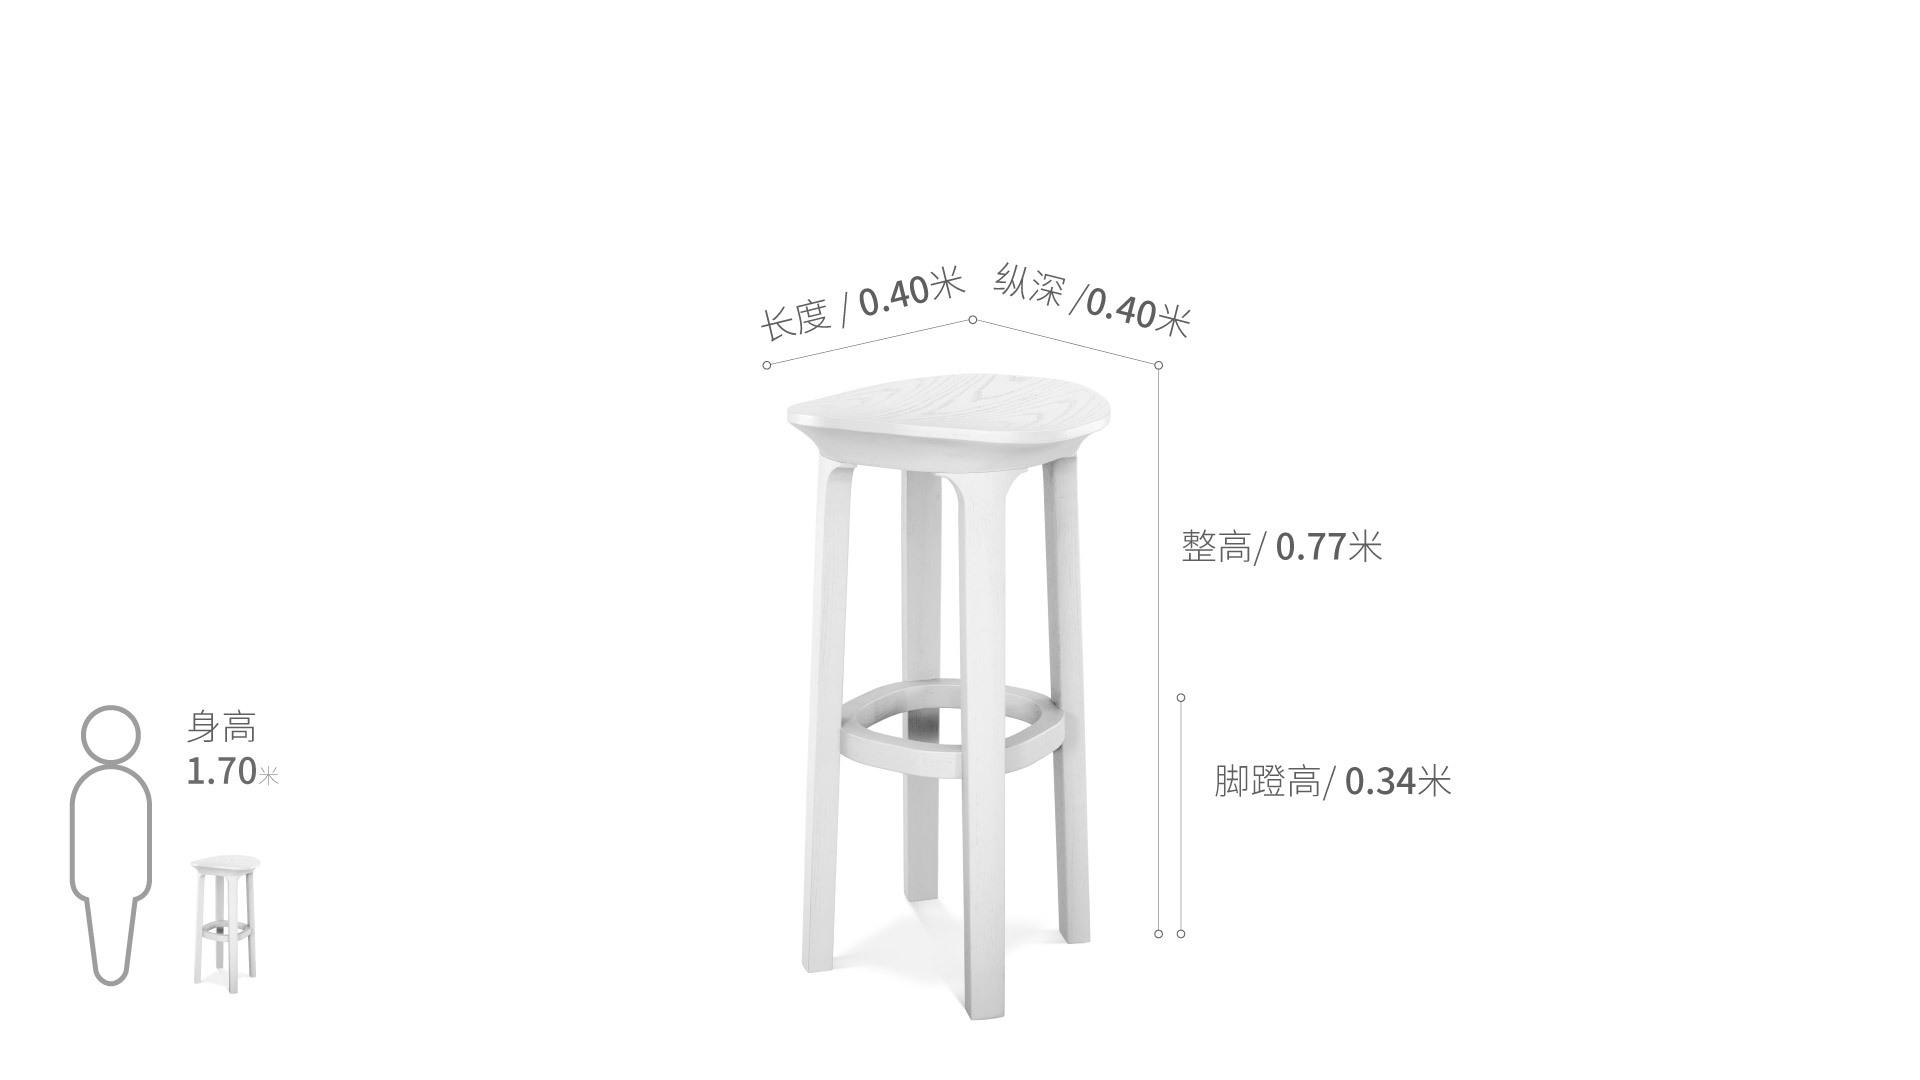 瓦檐实木小凳®高凳椅凳效果图